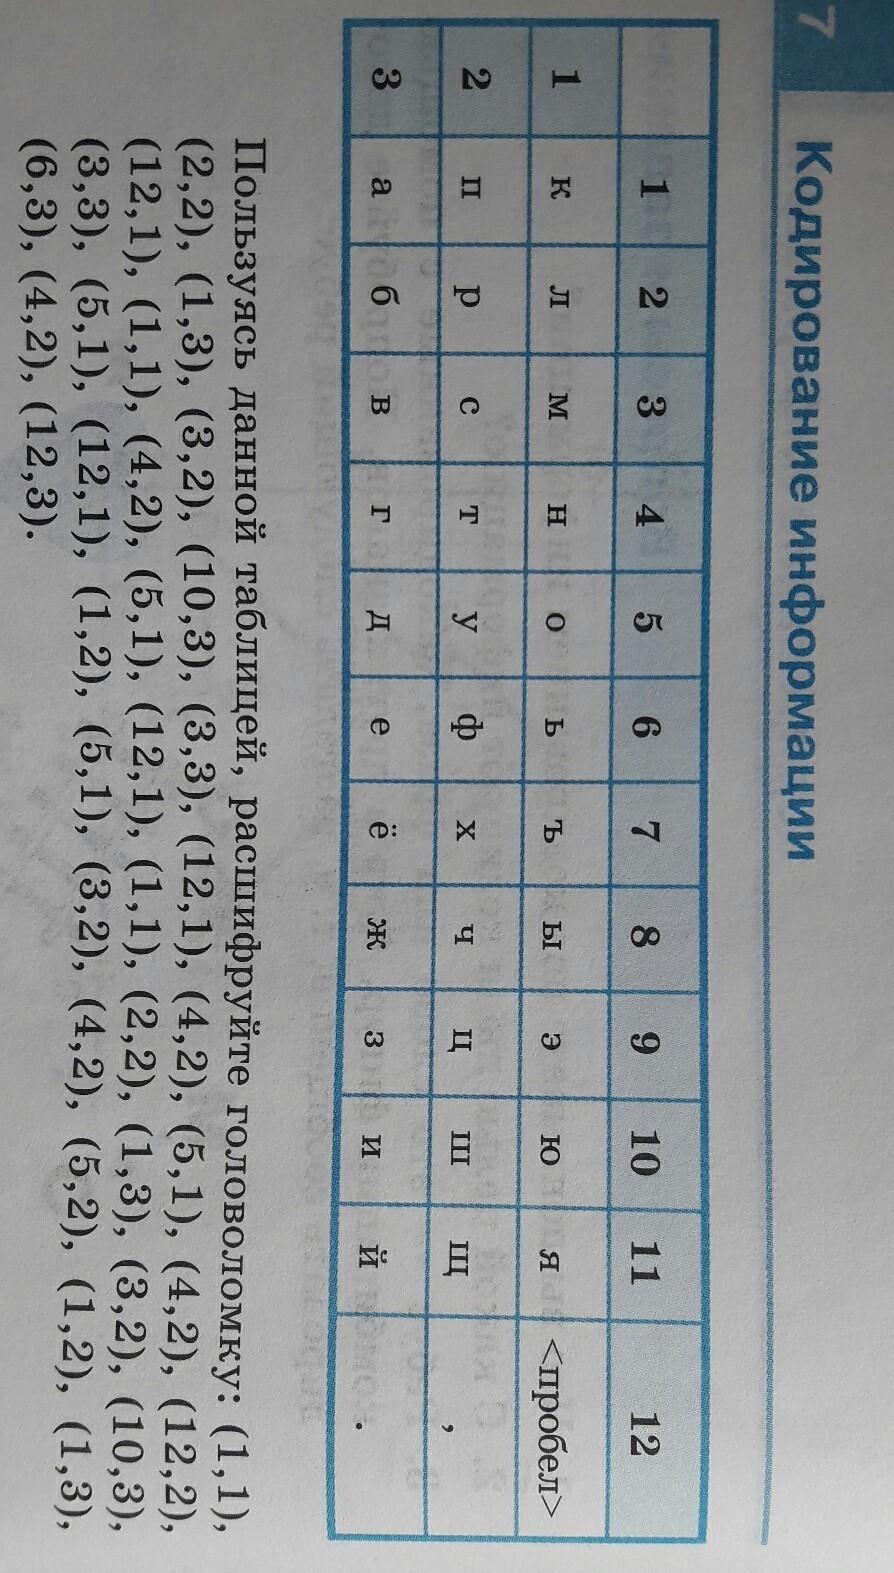 Каждой букве алфавита поставлена в соответствии пара чисел : первое число - номер столбцу, а второе - номер строки следующей кодовой таблицы: